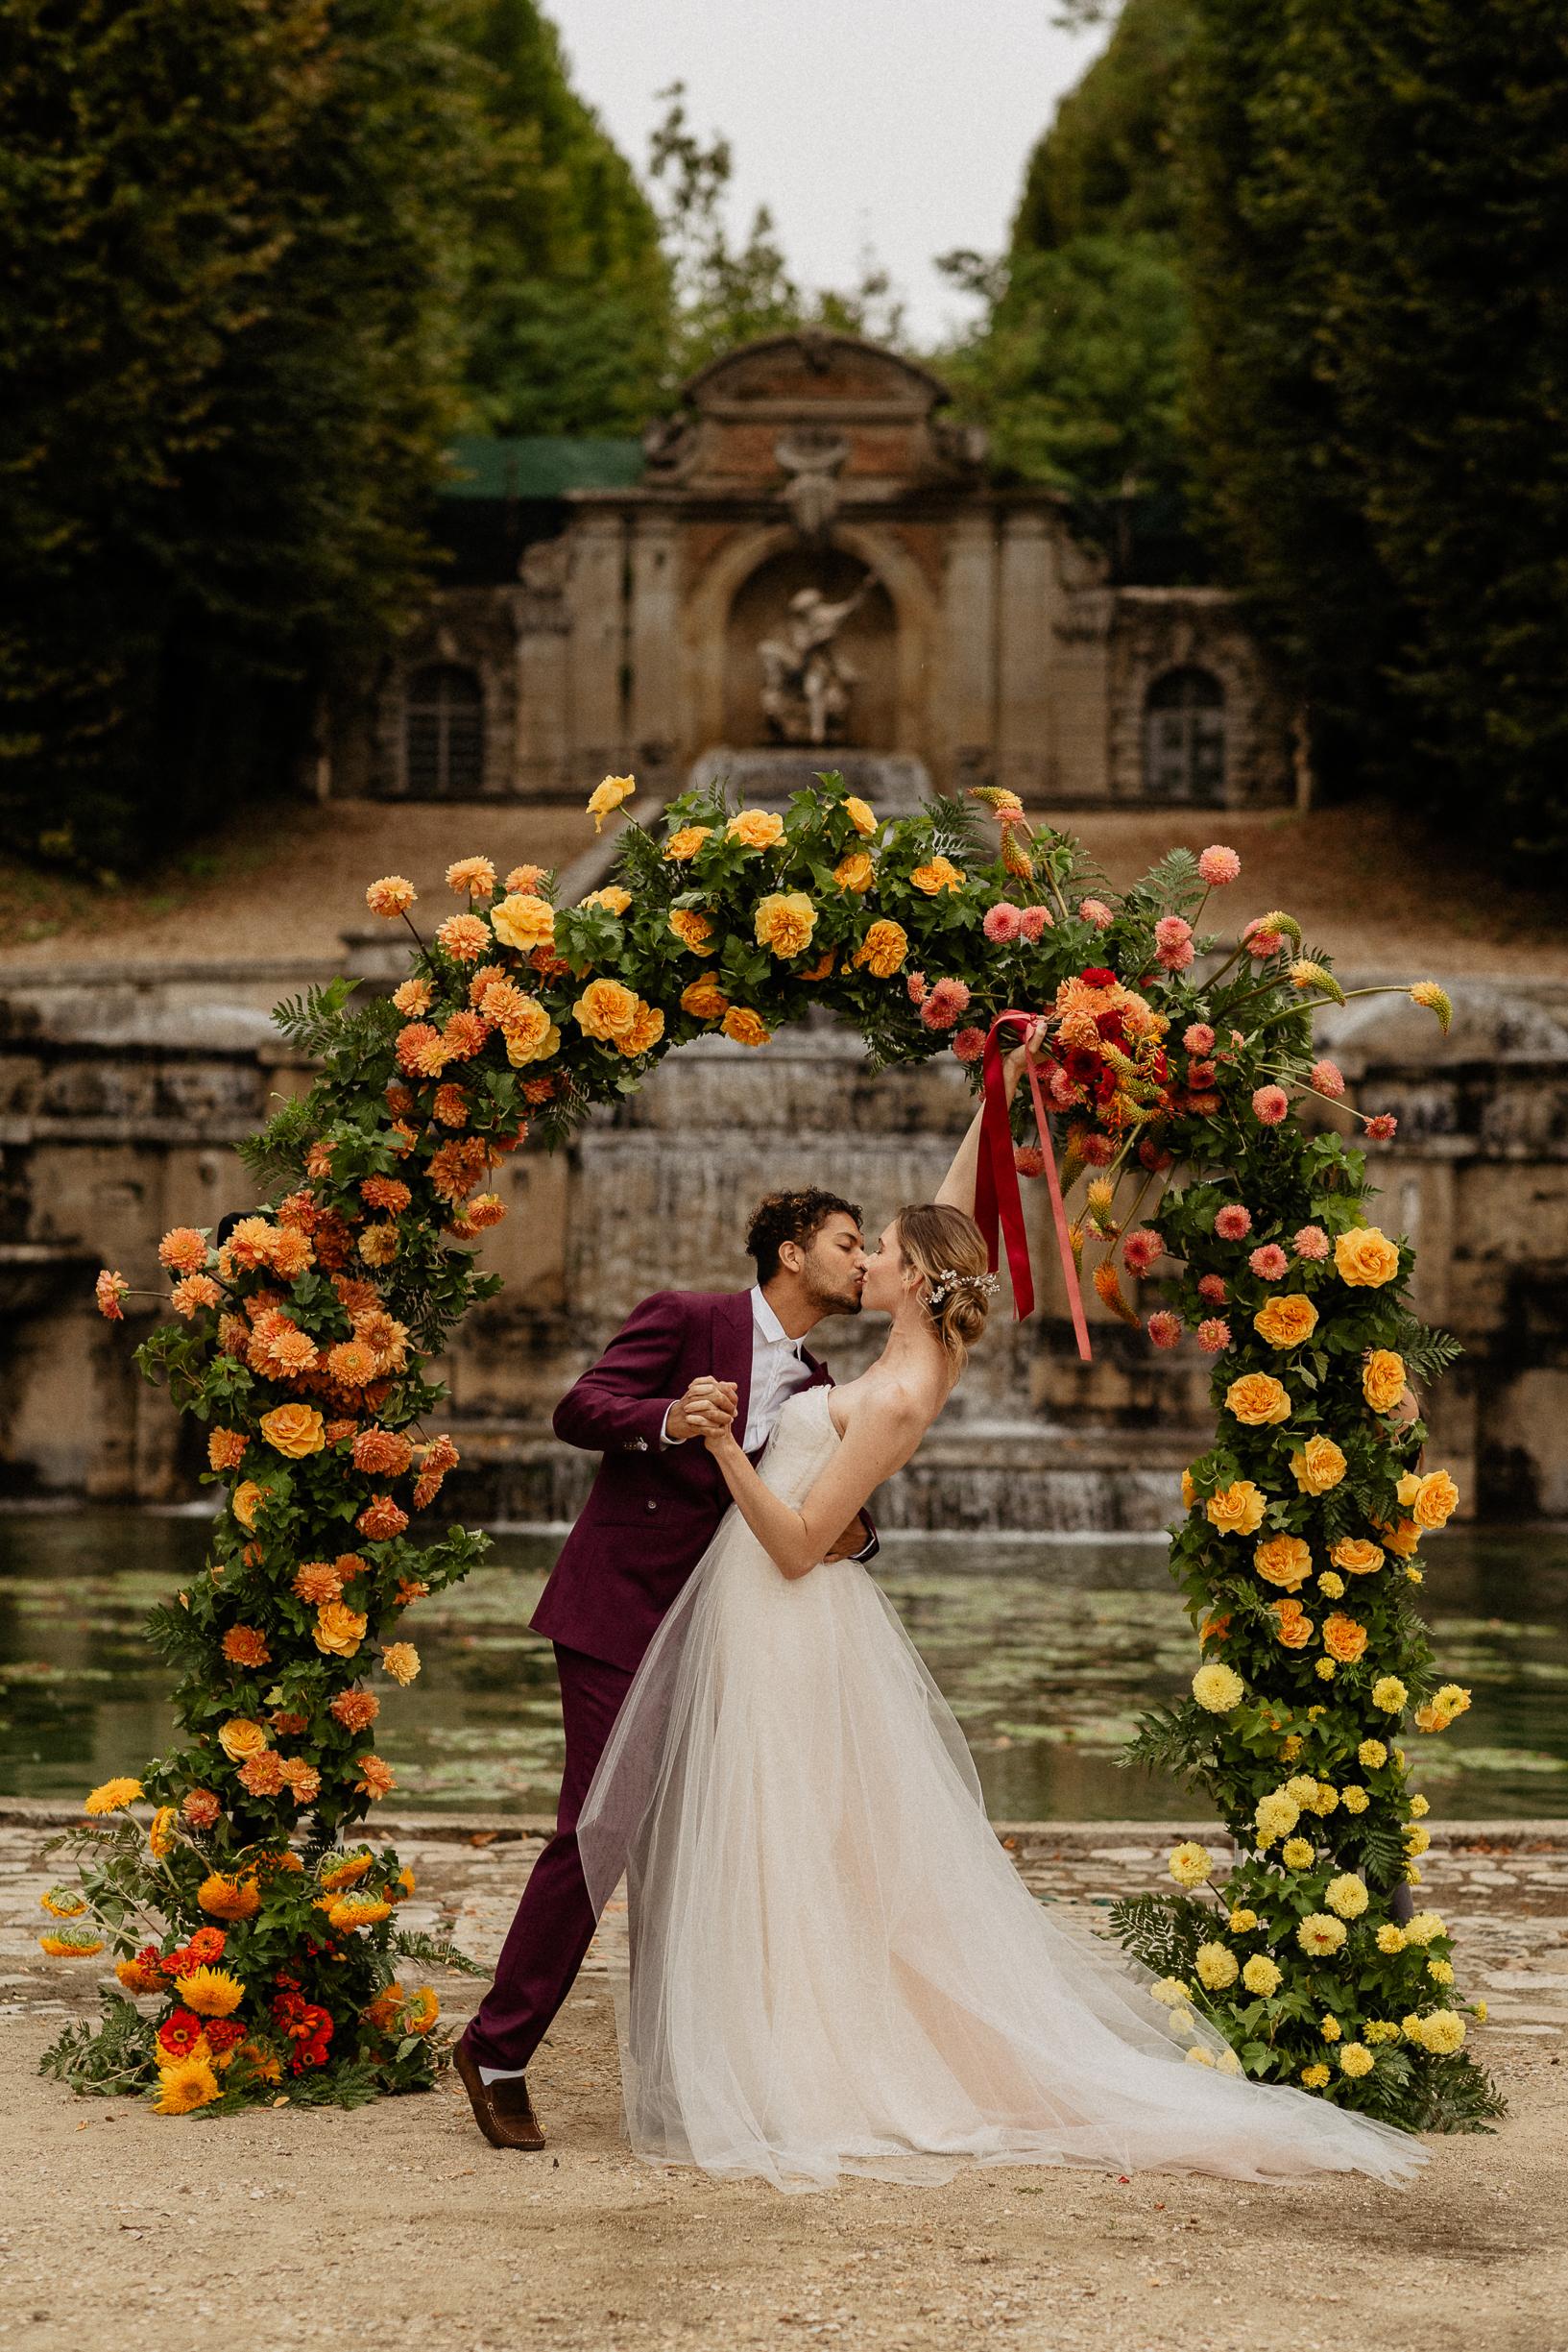 Unique colorful elopement wedding ideas – Citrus theme